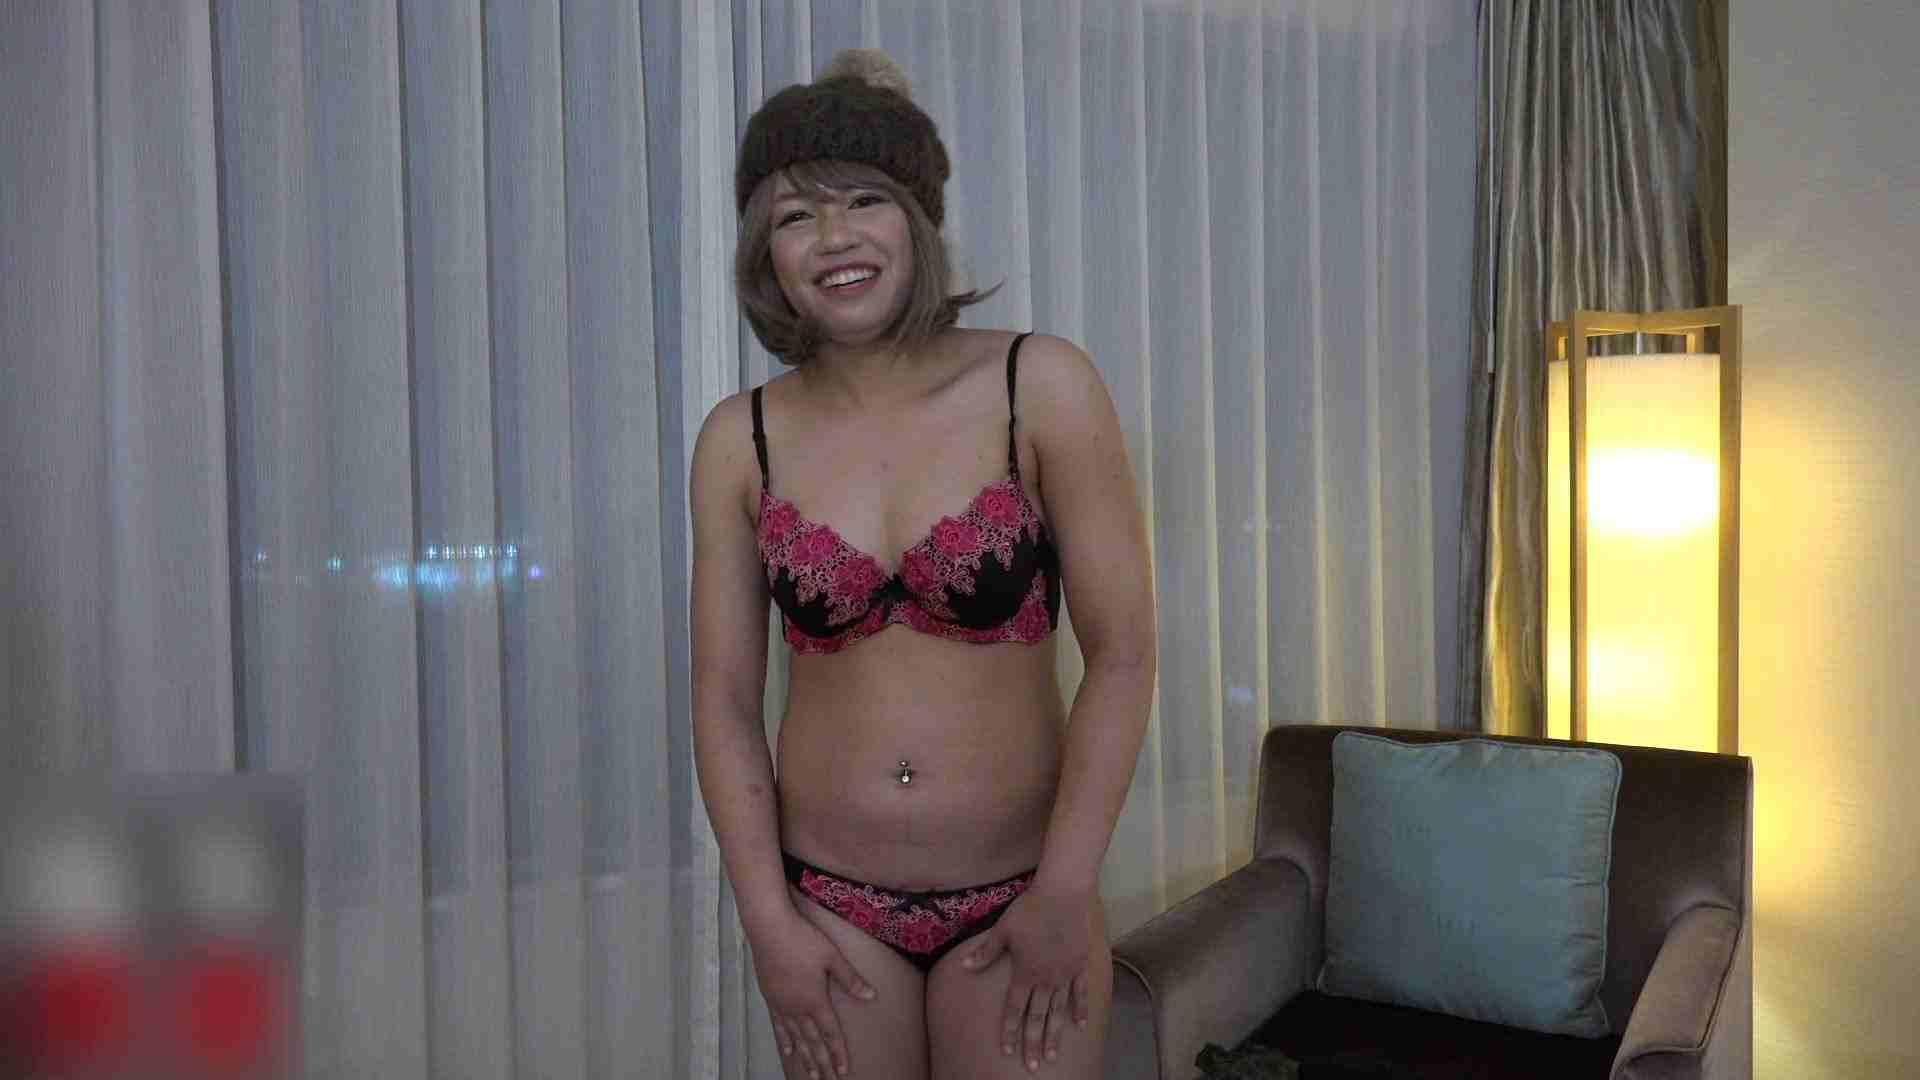 S級厳選美女ビッチガールVol.42 前編 ぽっちゃり  83画像 70